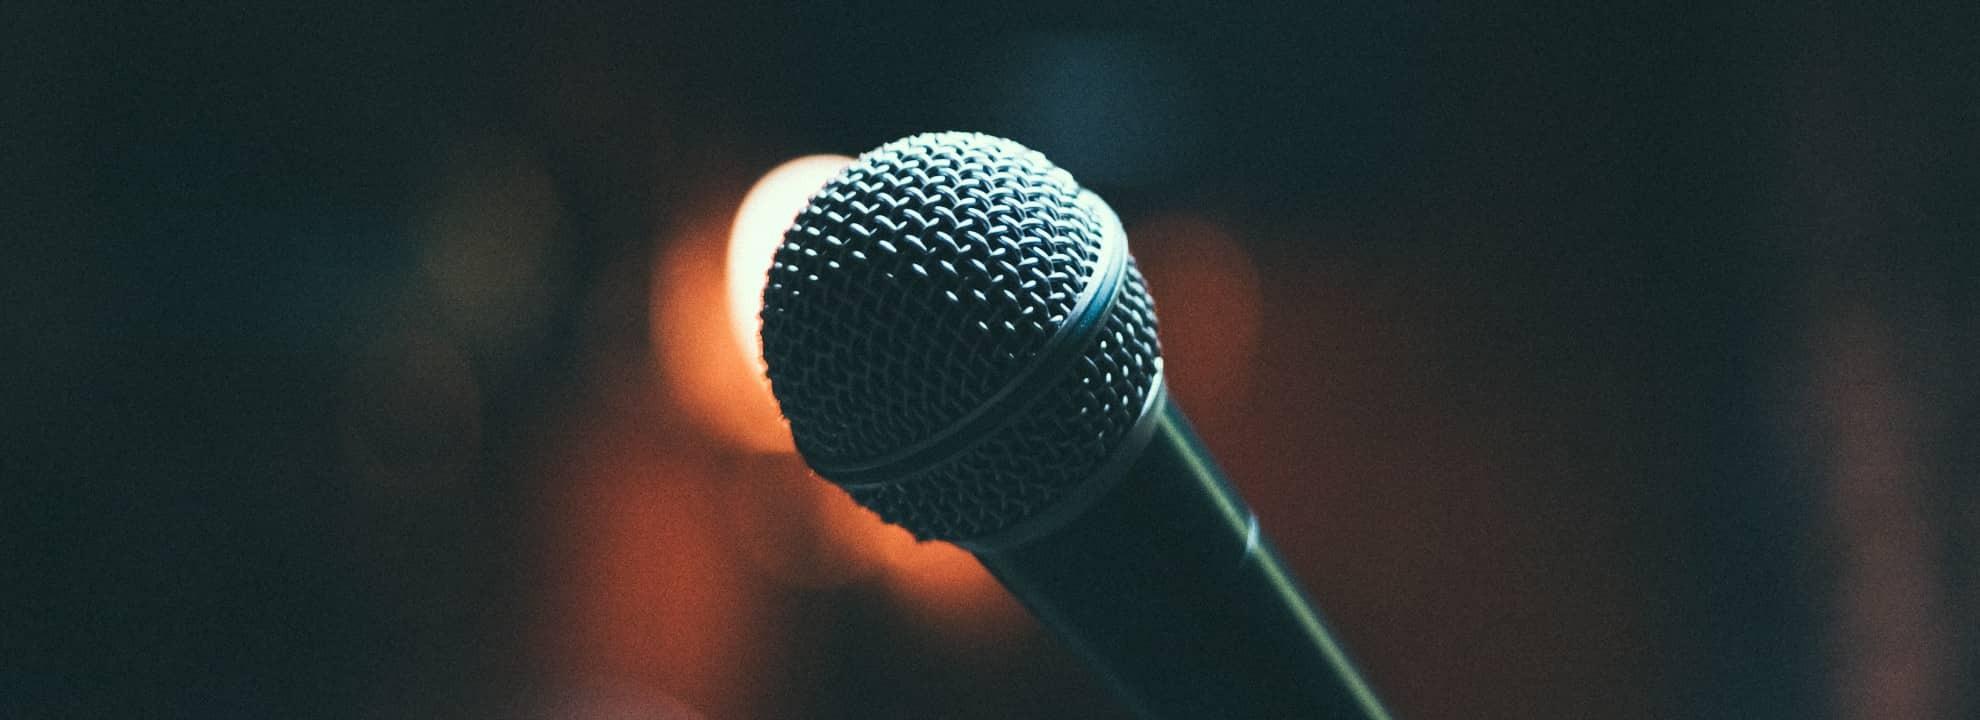 Wie kann man singen lernen? Tipps für den Gesangsunterricht zu Hause